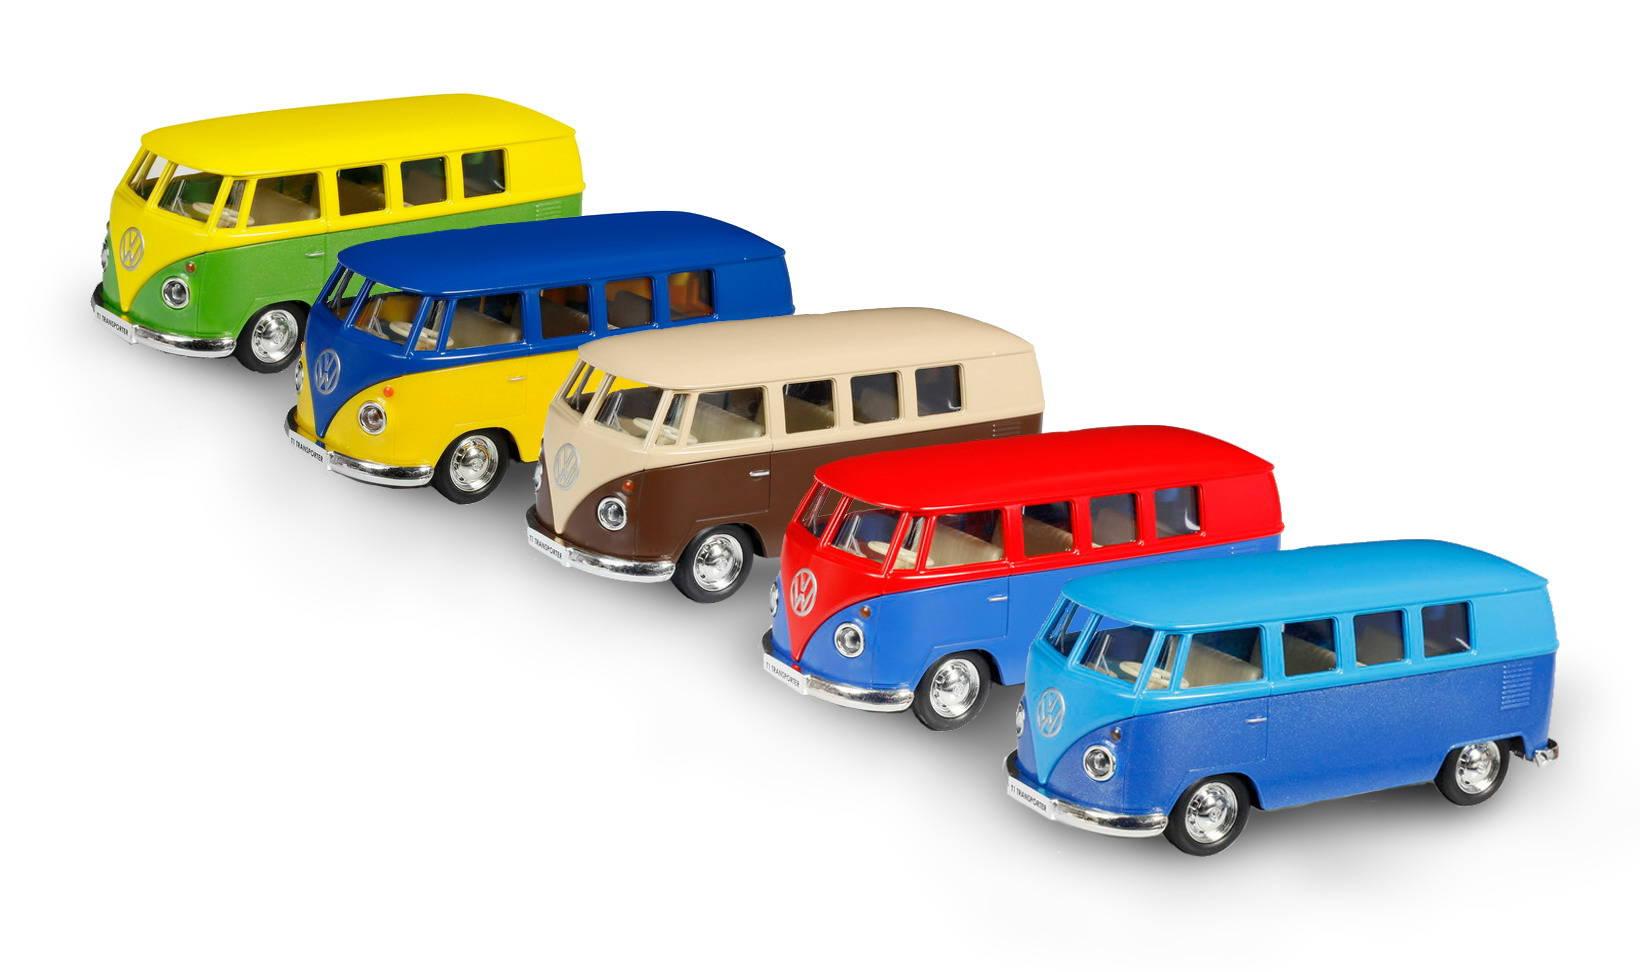 Металлический инерционный автобус RMZ City - Volkswagen Type 2 T1, 1:32, 5 цветовVolkswagen<br>Металлический инерционный автобус RMZ City - Volkswagen Type 2 T1, 1:32, 5 цветов<br>